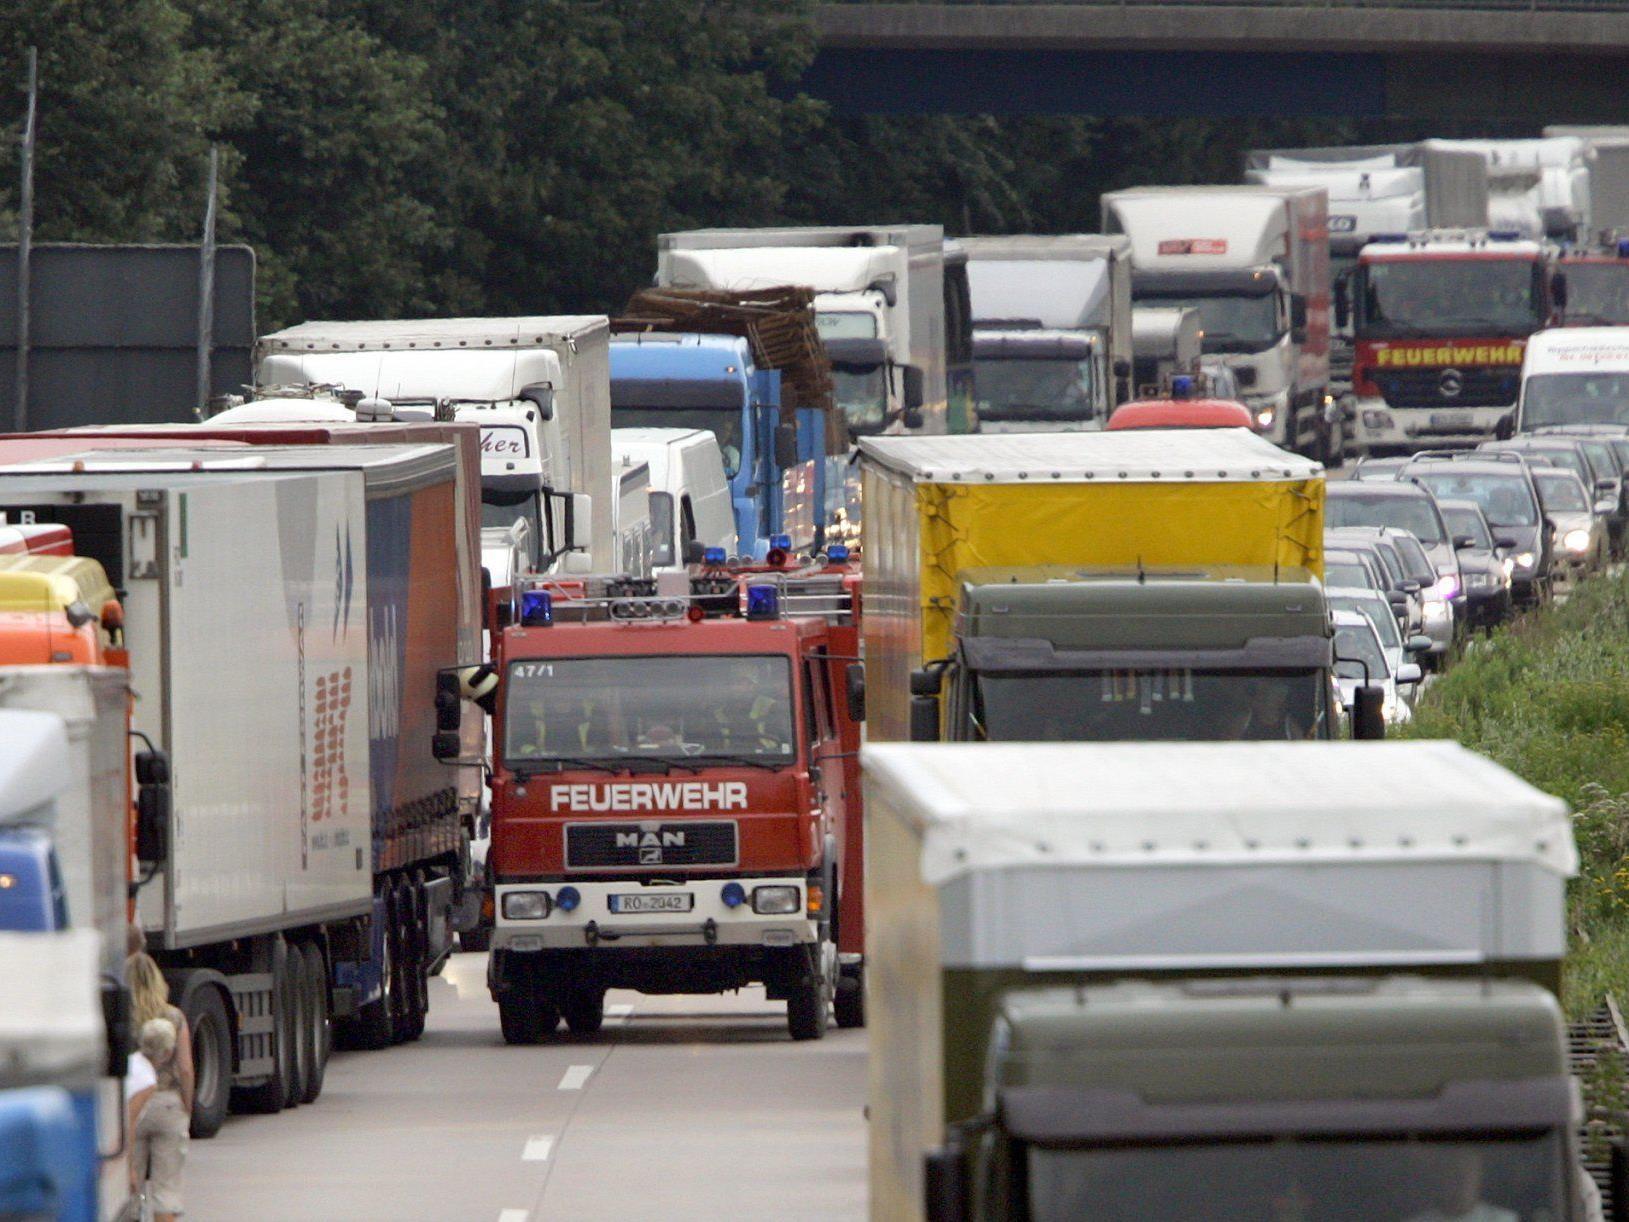 Die eingeführte Rettungsgasse ist in Österreich Großteils akzeptiert und wird auch fast problemlos umgesetzt.